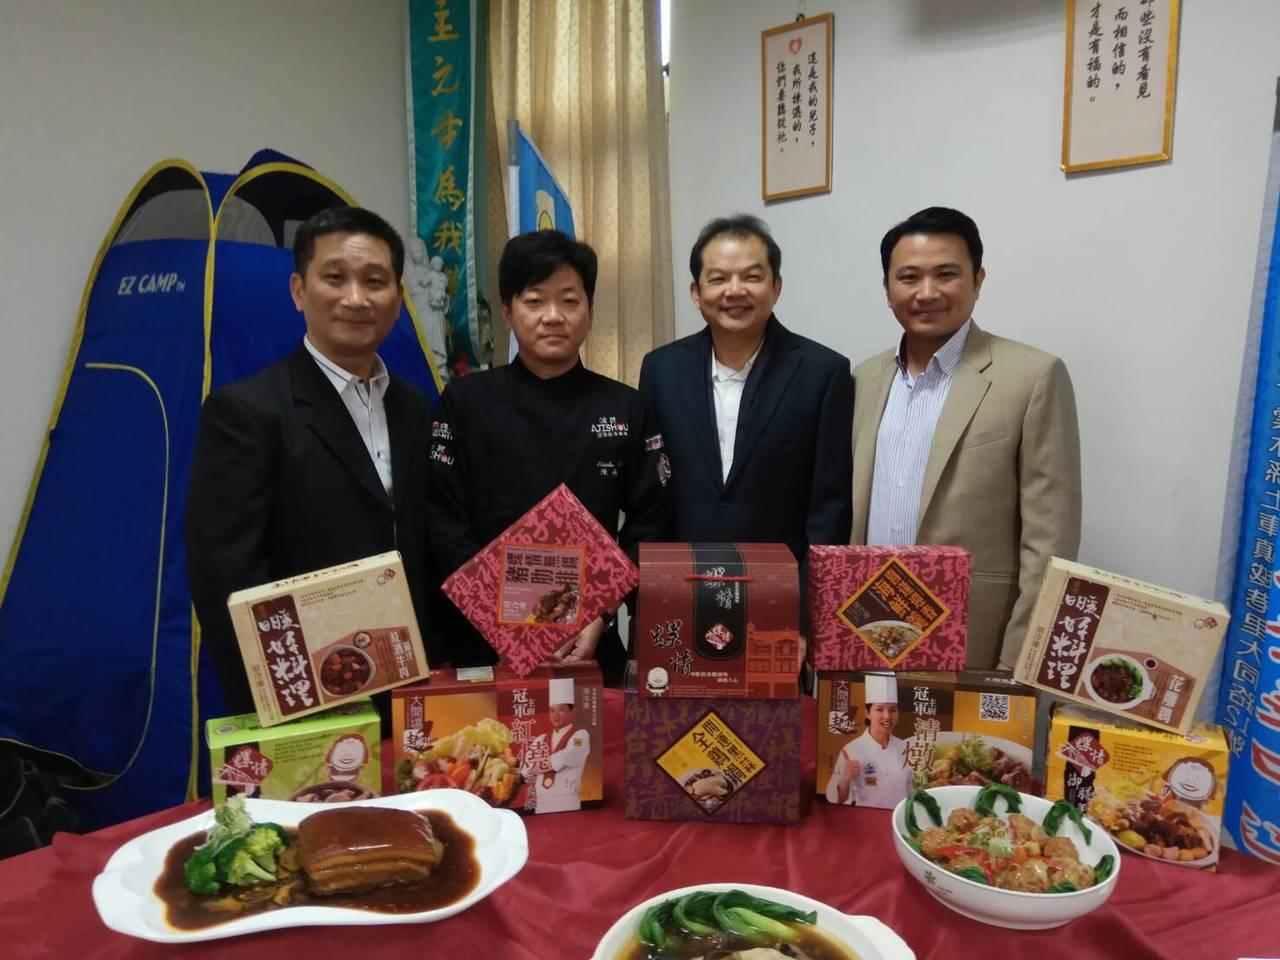 呂政璋(右一)、林信成(右二)及鍾紀銘(左一)攜手,十道料理送愛到華聖圍爐過好年...